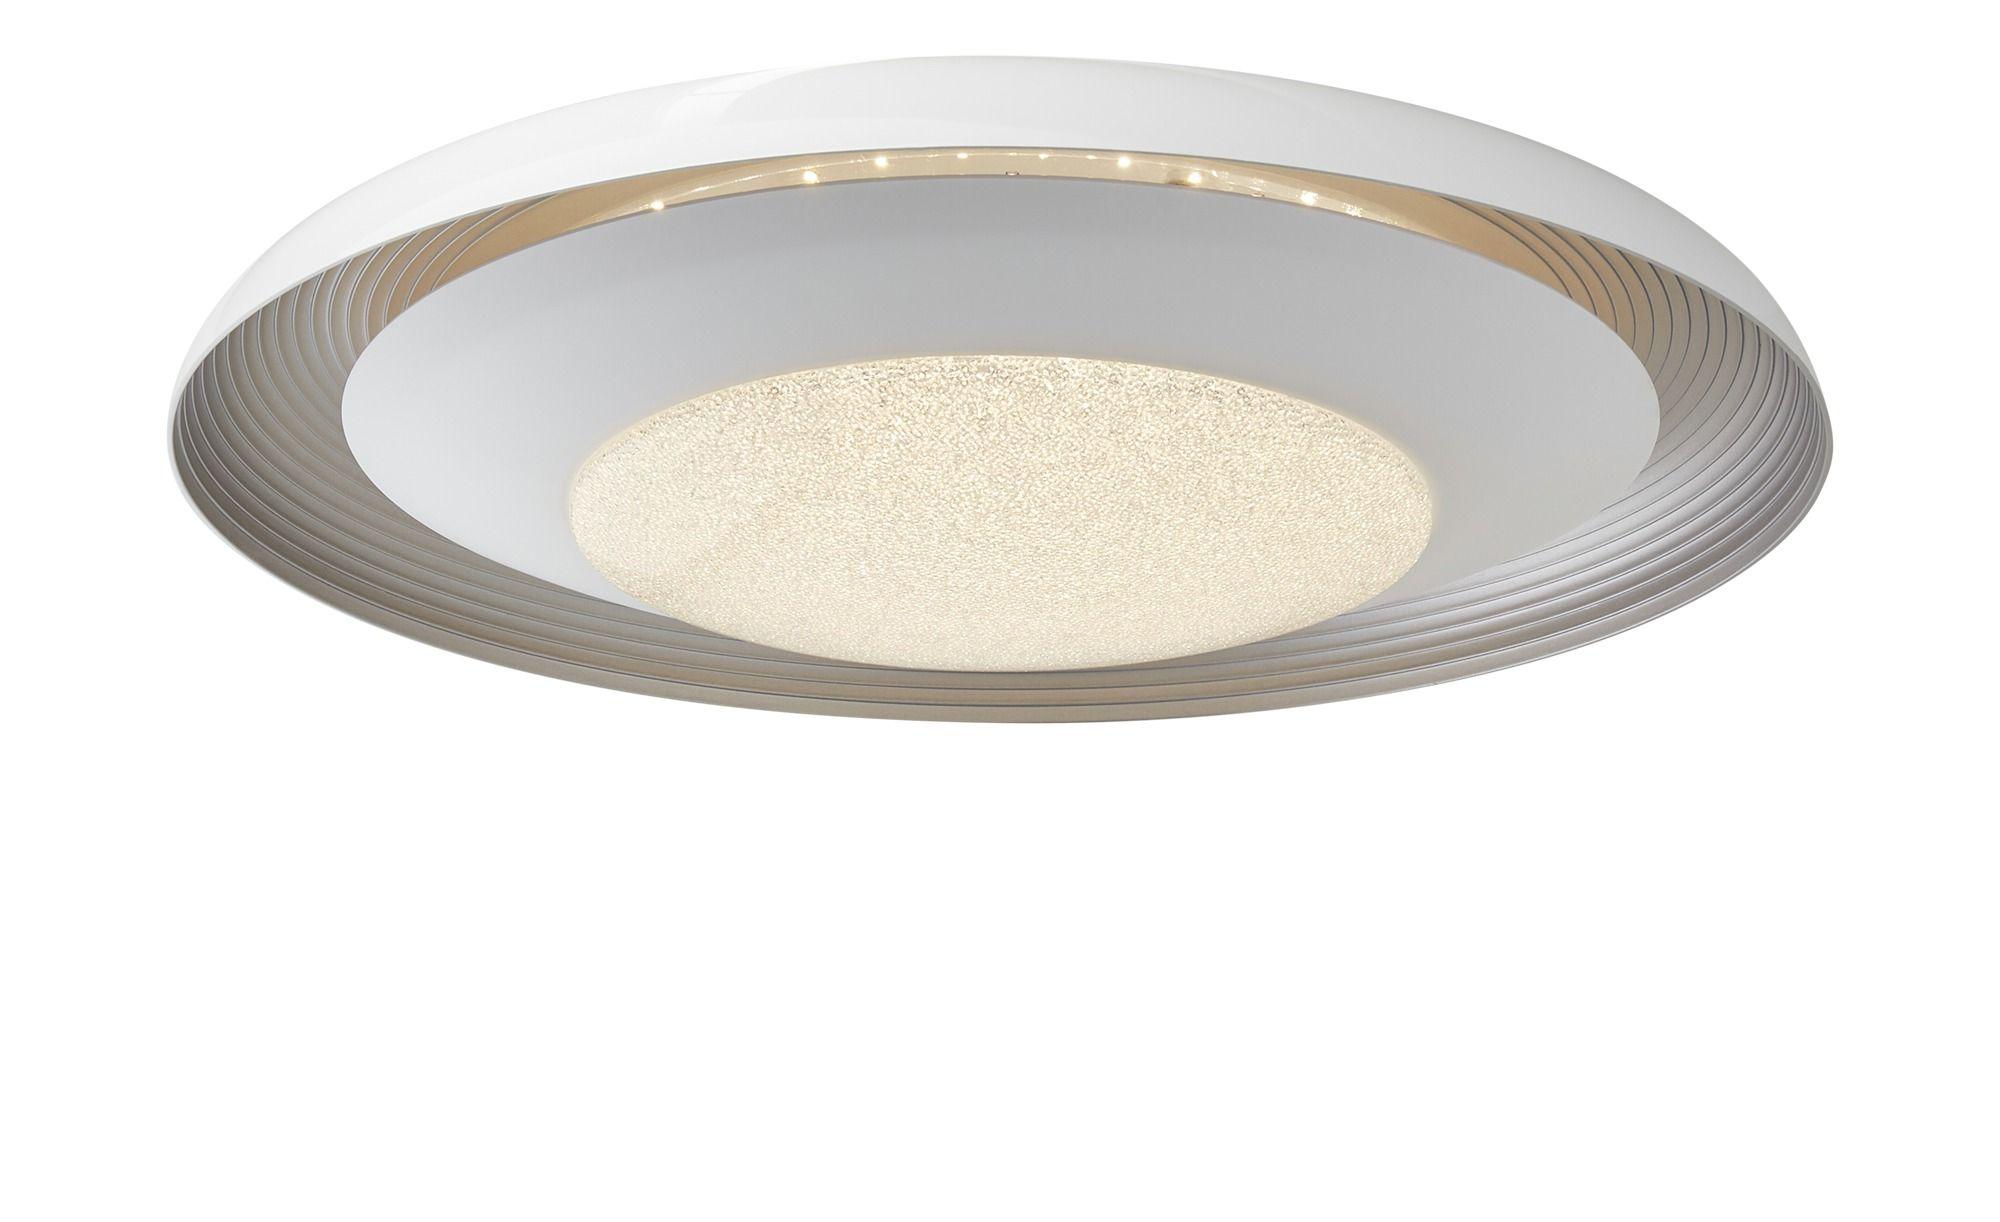 Khg Led Deckenleuchte Mit Kristalloptik Weiss Masse Cm H 10 O 49 5 Lampen Leuchten Deckenleuchten Led Lampe Mit Bewegungsmelder Lampen Und Leuchten